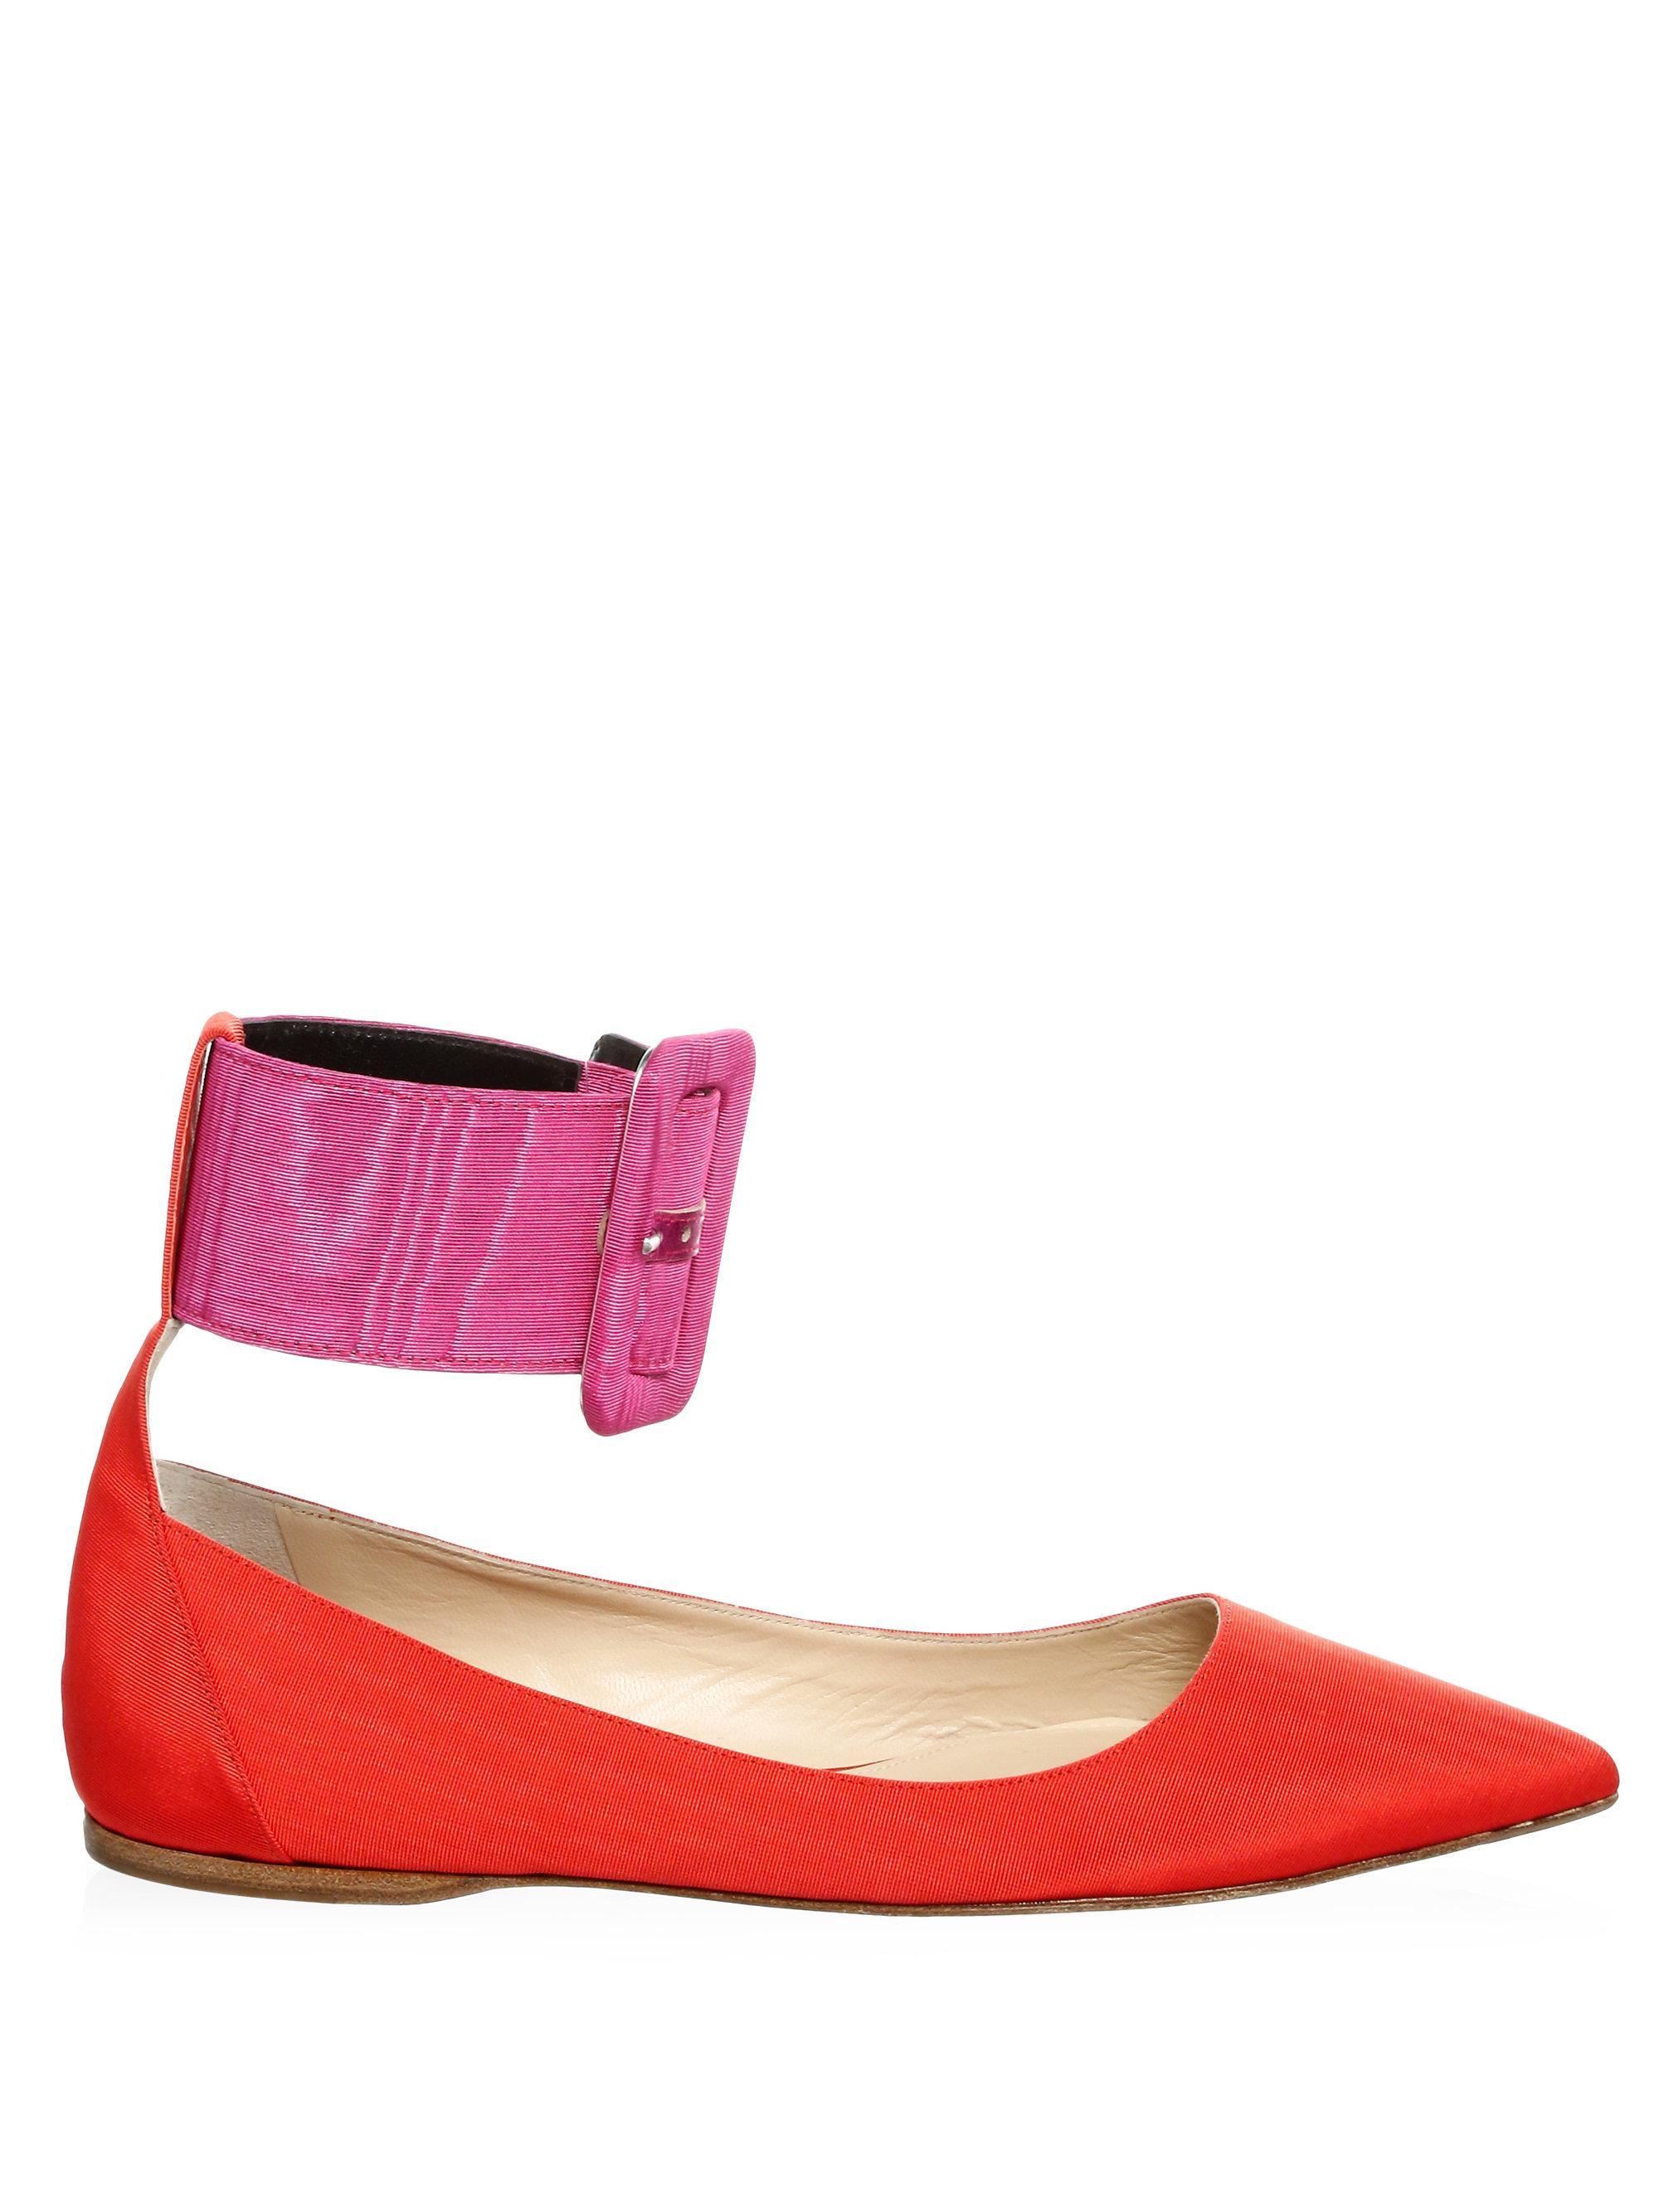 ATTICO Ankle Belt Ballet Flats 19IayjFEC